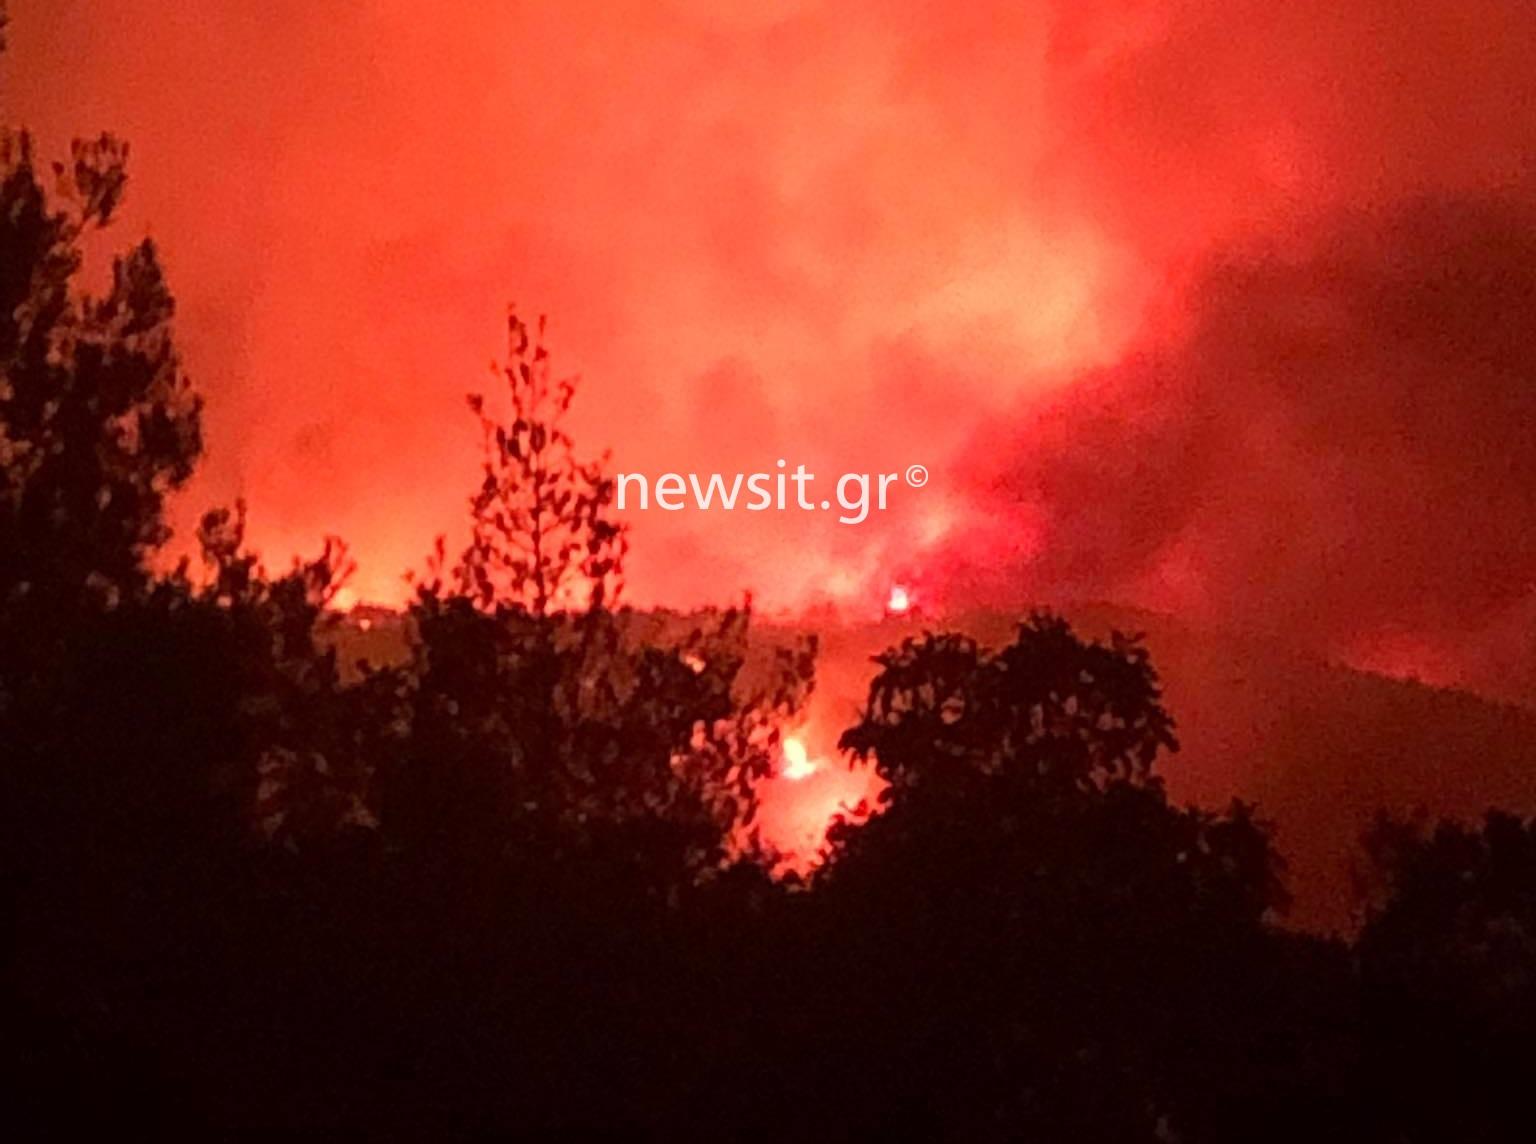 Φωτιά στα Βίλια: Μάχη να μη φτάσουν οι φλόγες στο Πόρτο Γερμενό